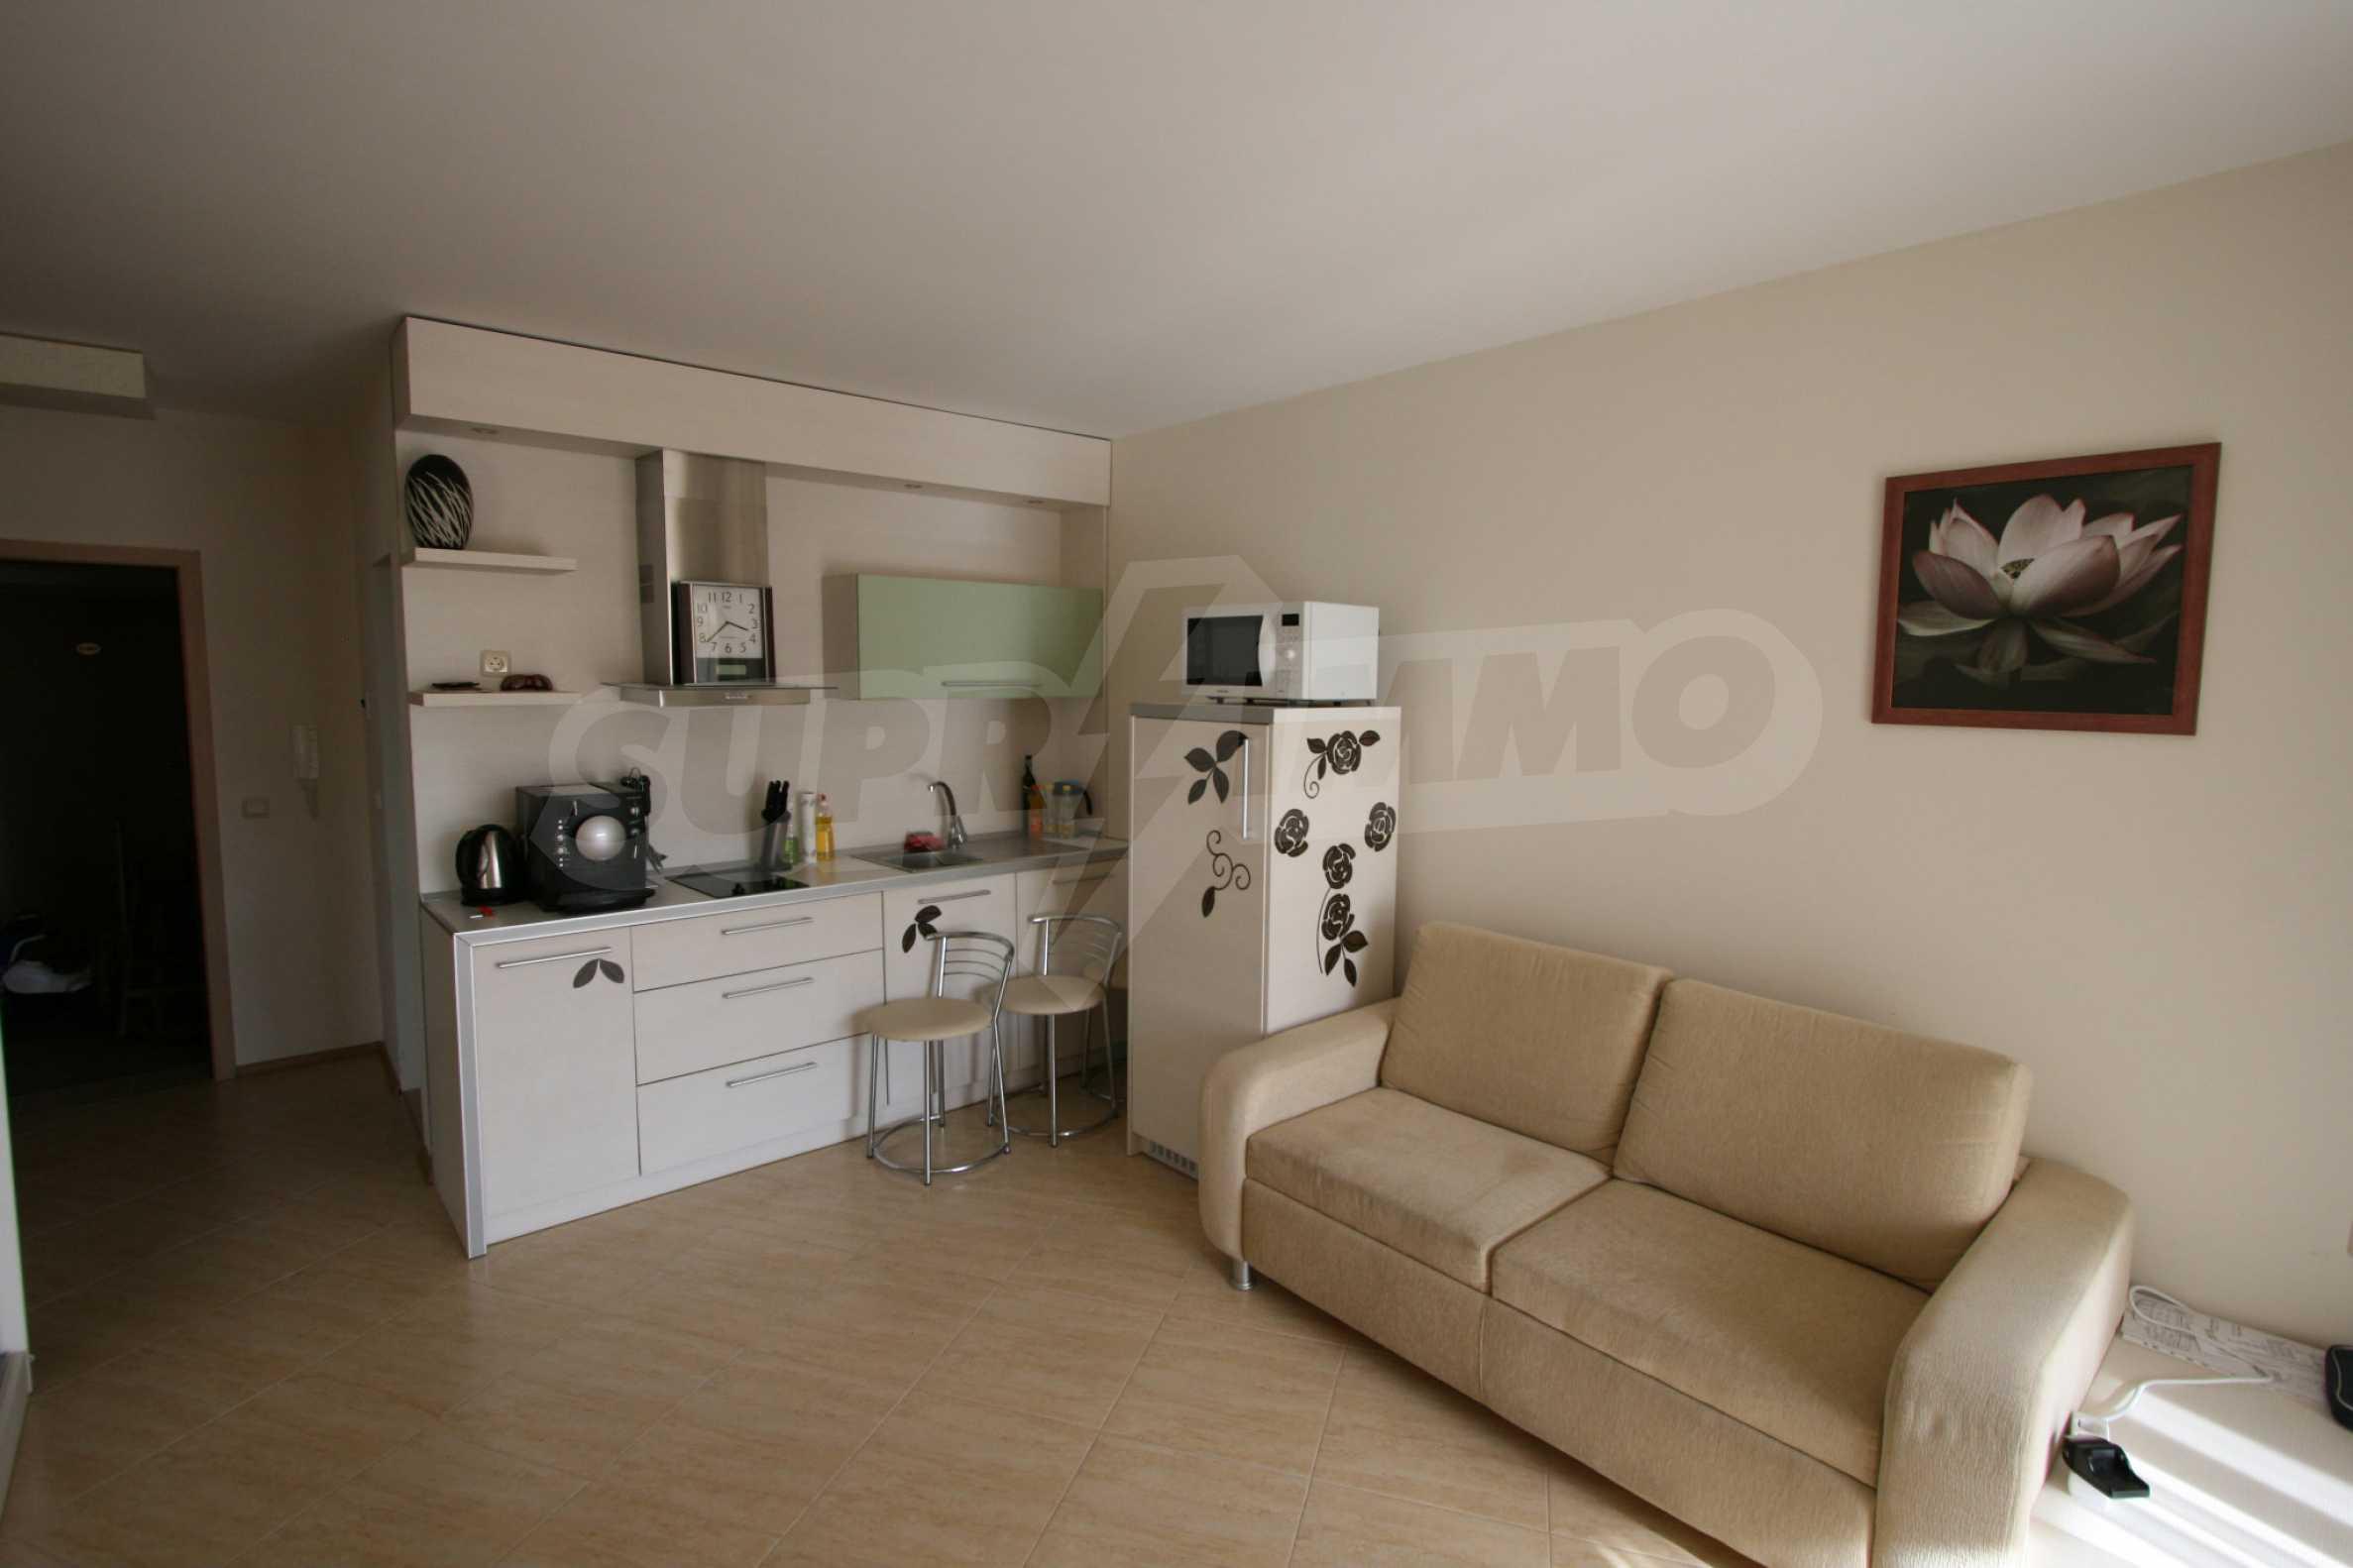 Studio zum Verkauf im Midia Grand Resort in Aheloy 4